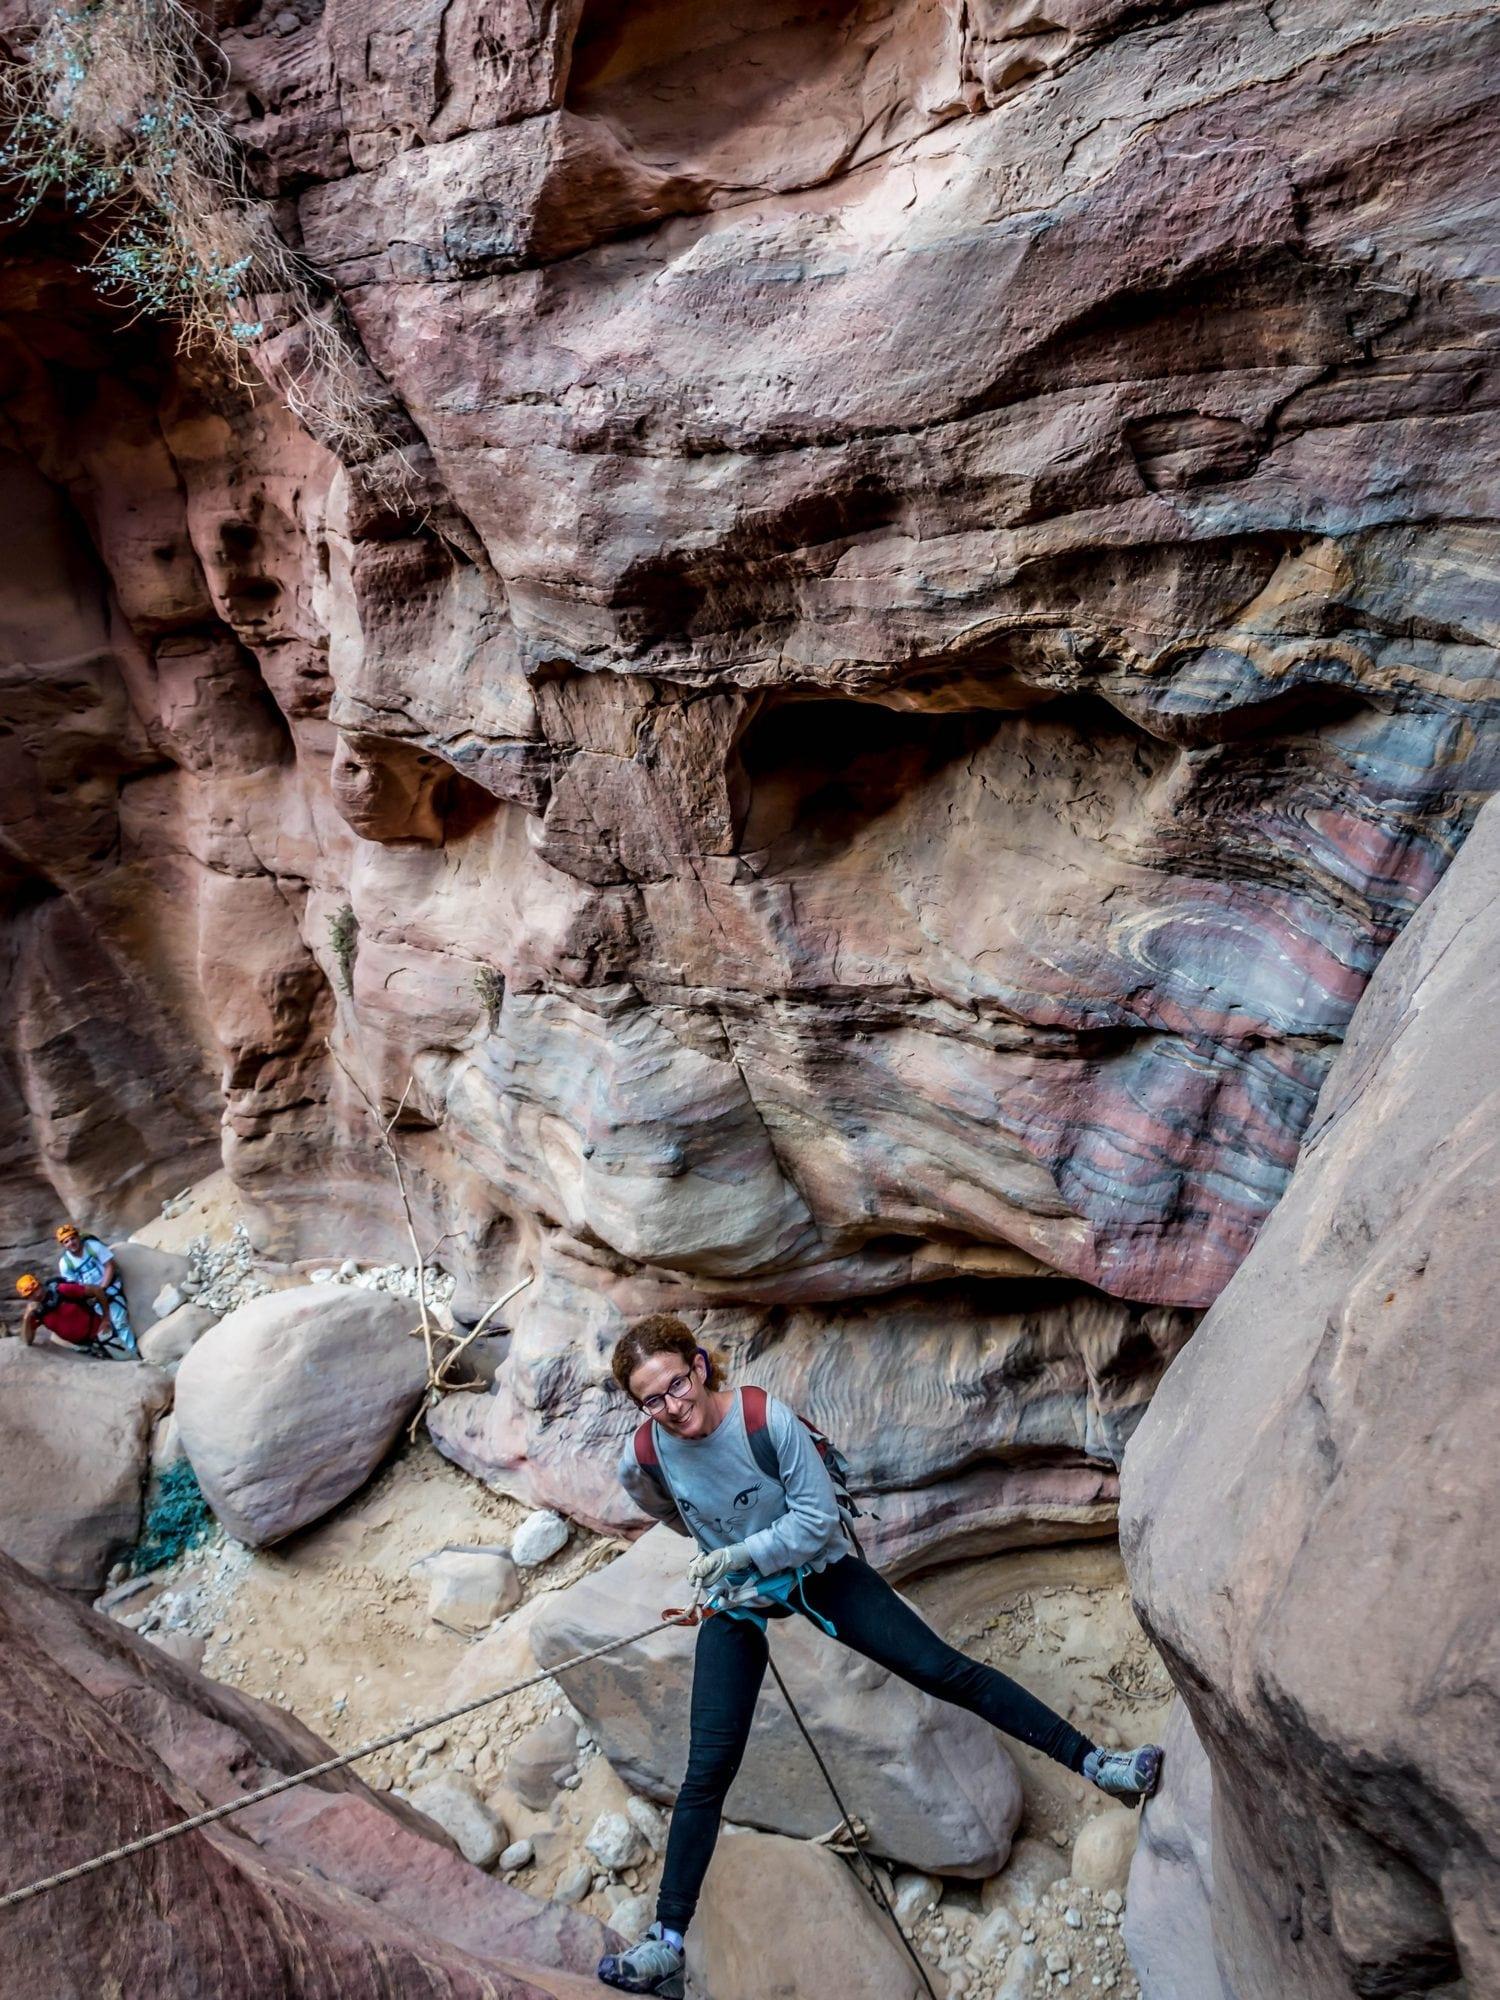 טיול סנפלינג בירדן - קניוני ראג'ף - ערוצים בטבע